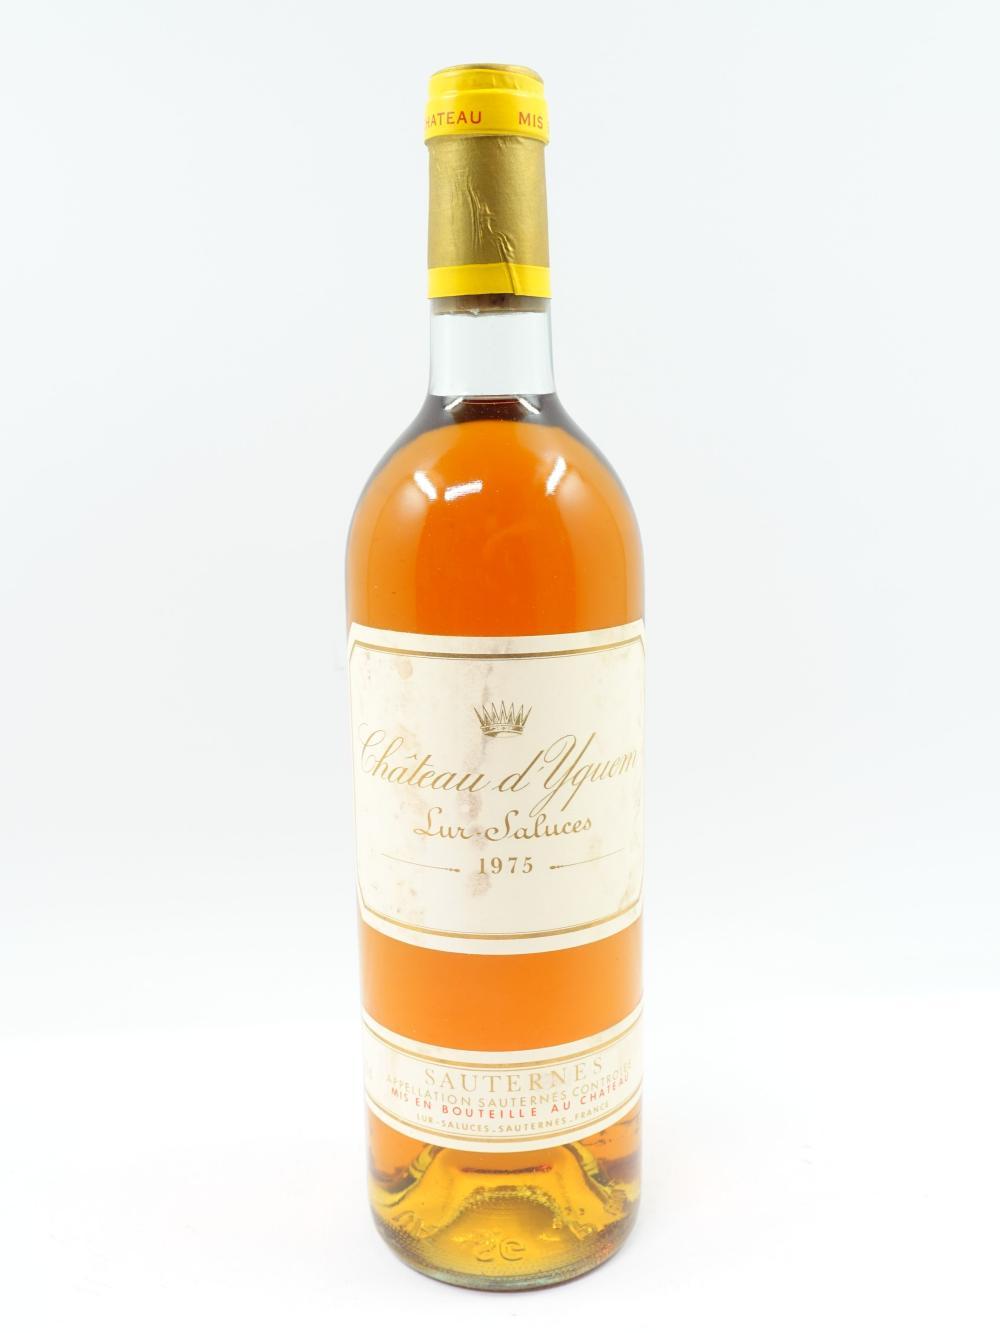 1 bouteille CHÂTEAU D'YQUEM 1975 1er cru Supérieur Sauternes (base goulot